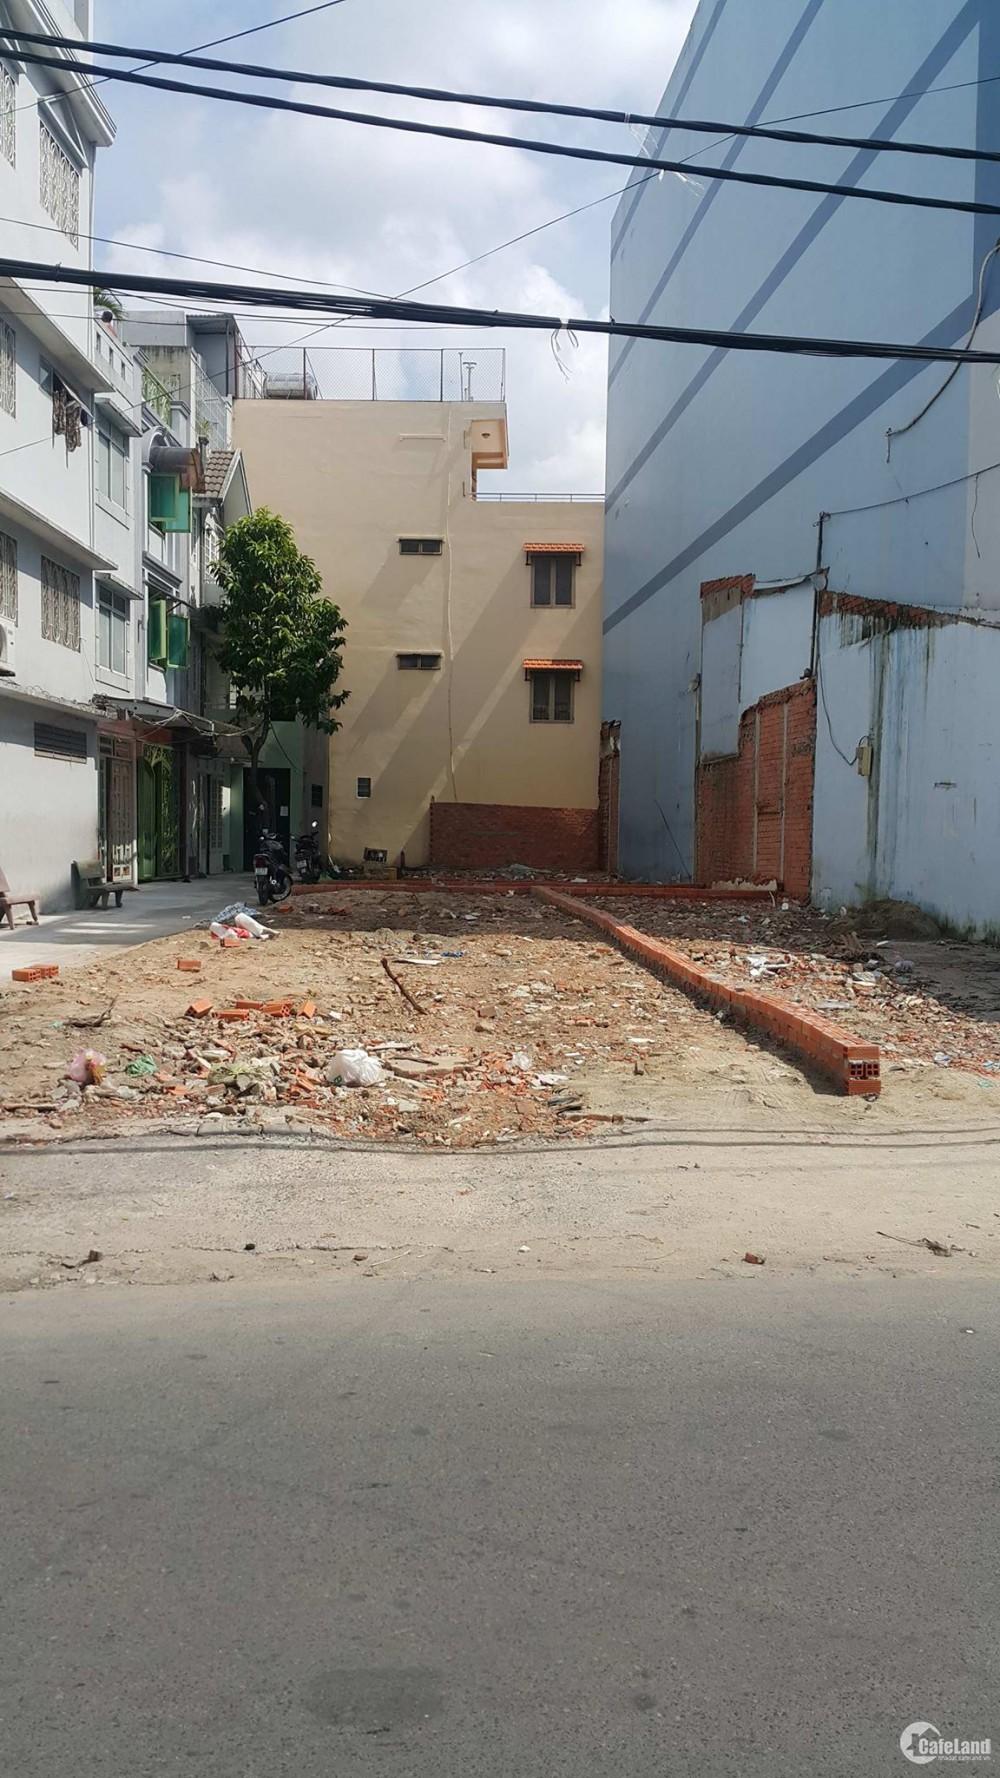 Tôi cần bán 200m2 đất tiện xây trọ hoặc xưởng.LK KCN Lê Minh Xuân.Giá 1,8 tỷ.